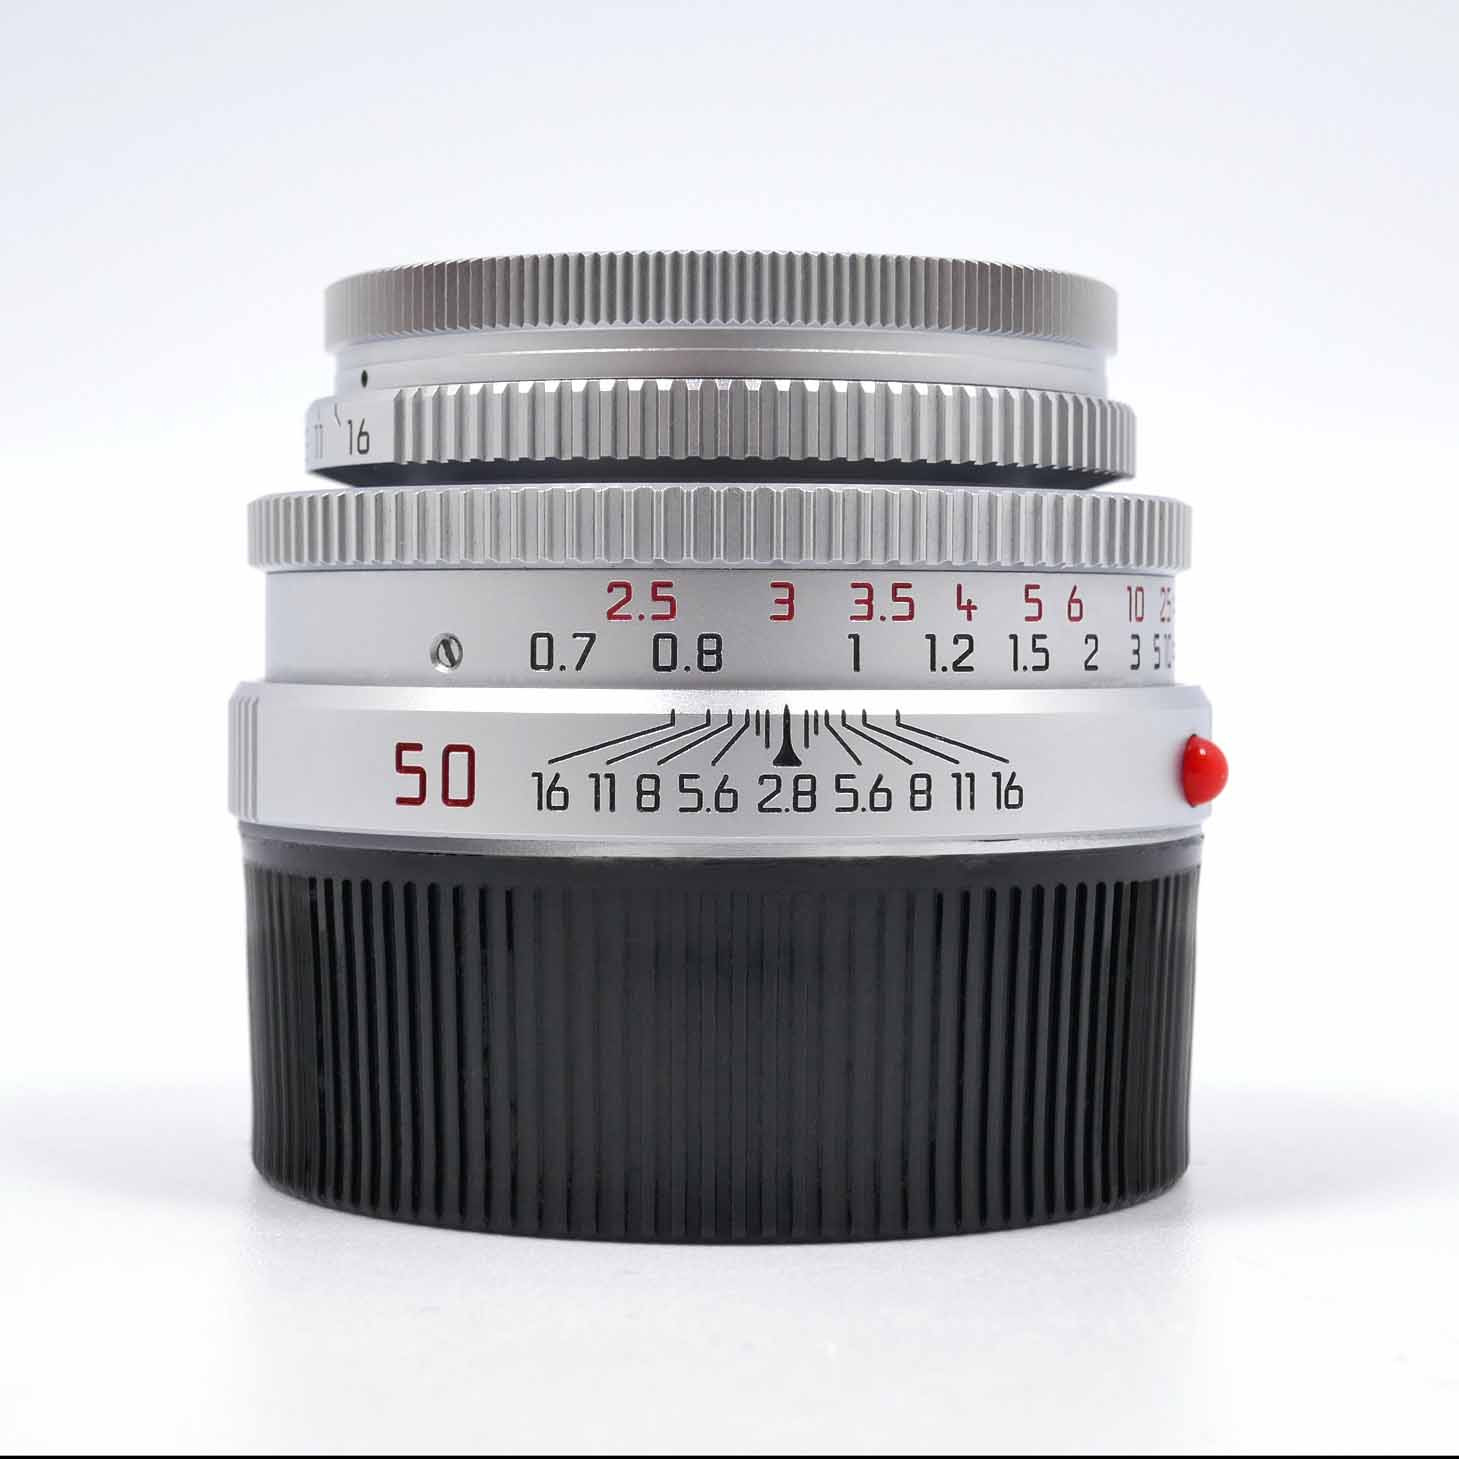 clean-cameras-Leica-Elmar-M-2.8_50mm-11823-01